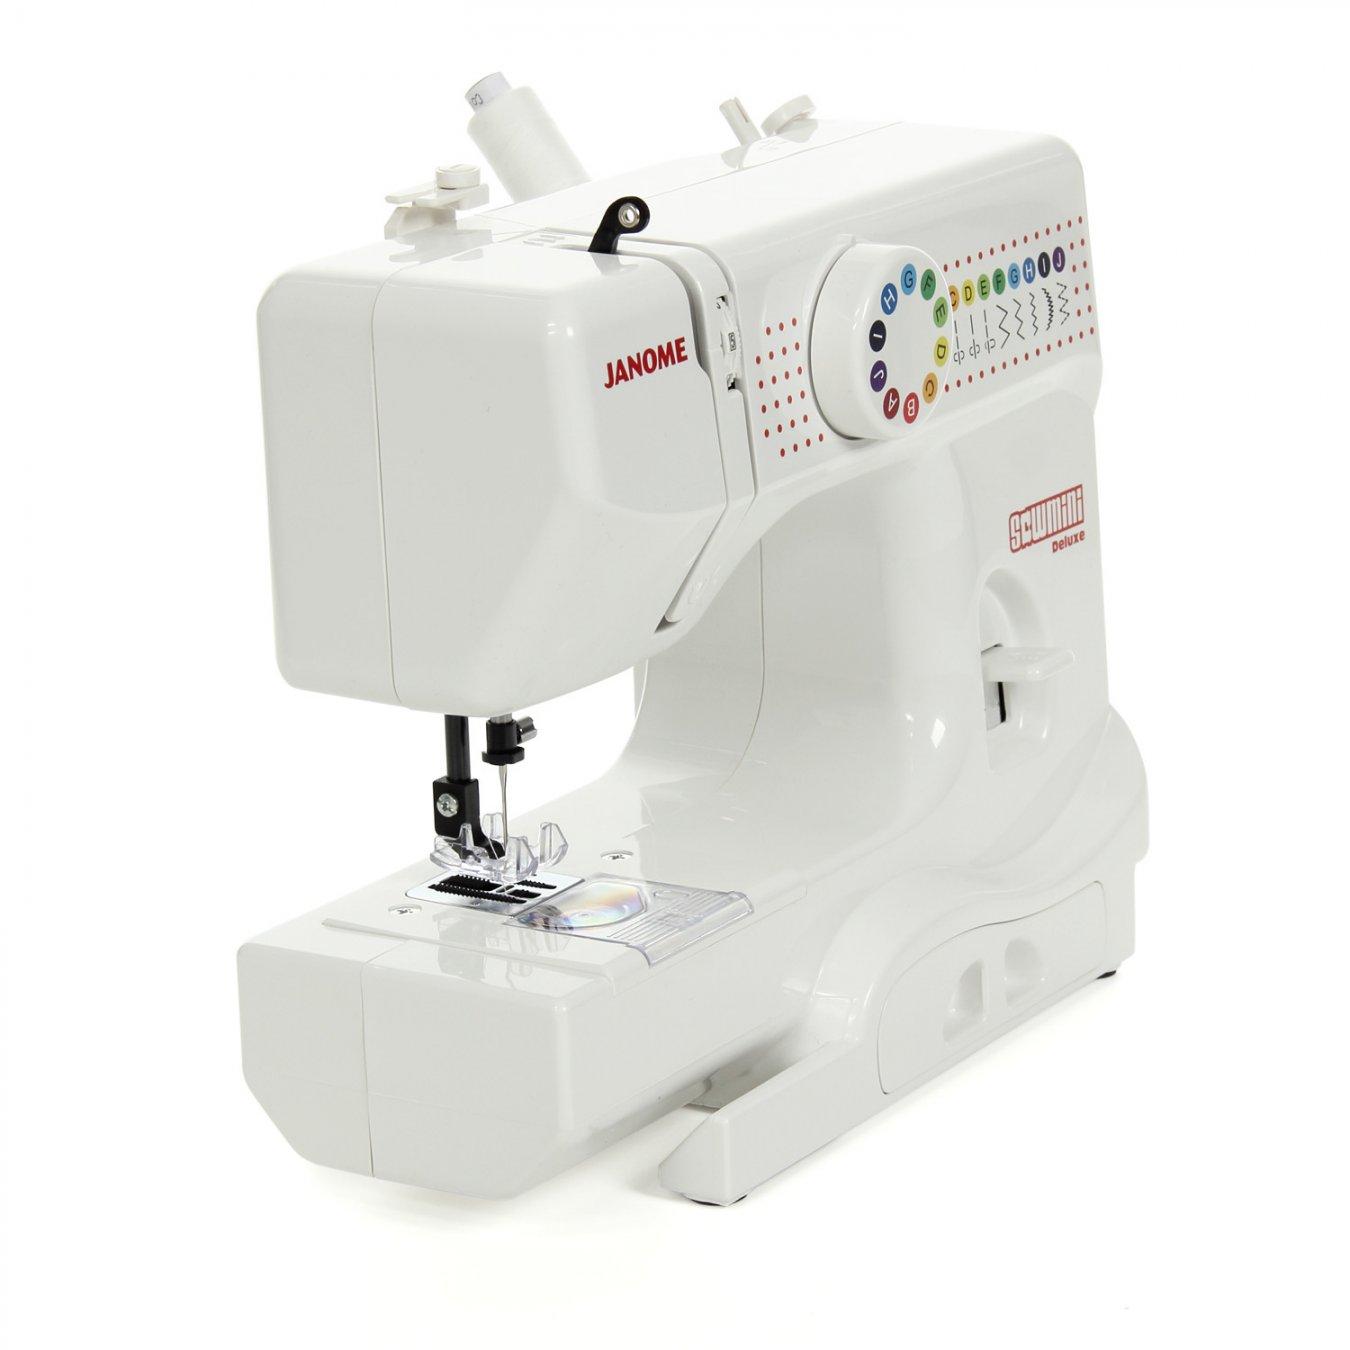 Macchina per cucire janome sew mini deluxe dx 2 gnoato lino for Mini macchina per cucire